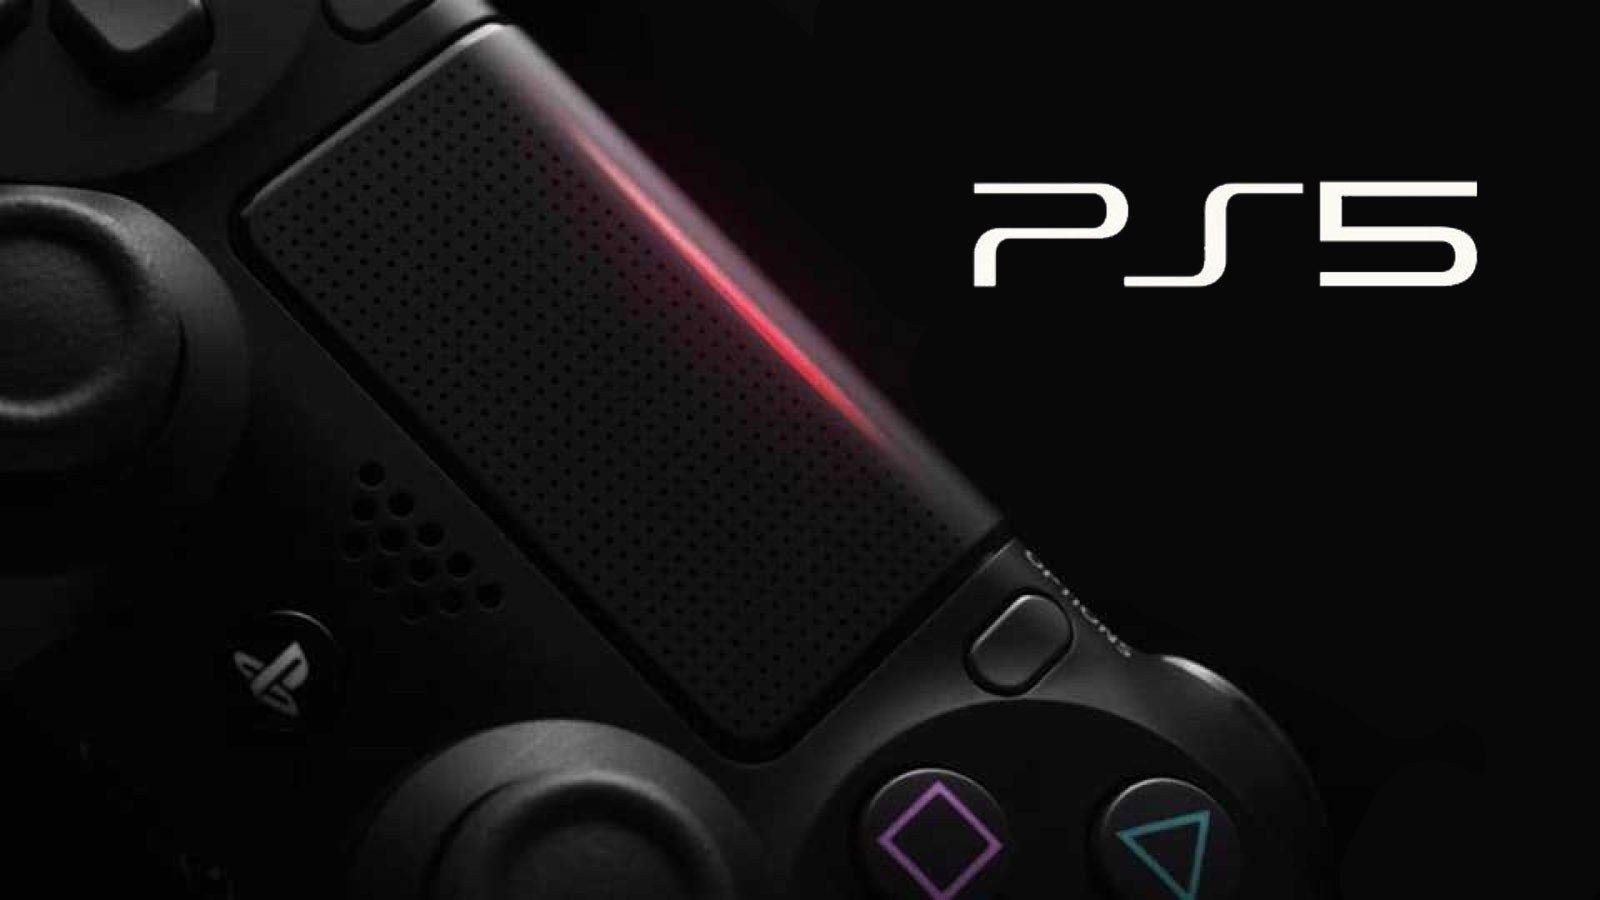 Sony ได้จัดเตียมงานเกี่ยวกับเกมบนเครื่องเล่น PS5 ในวันที่ 16 กันยายน